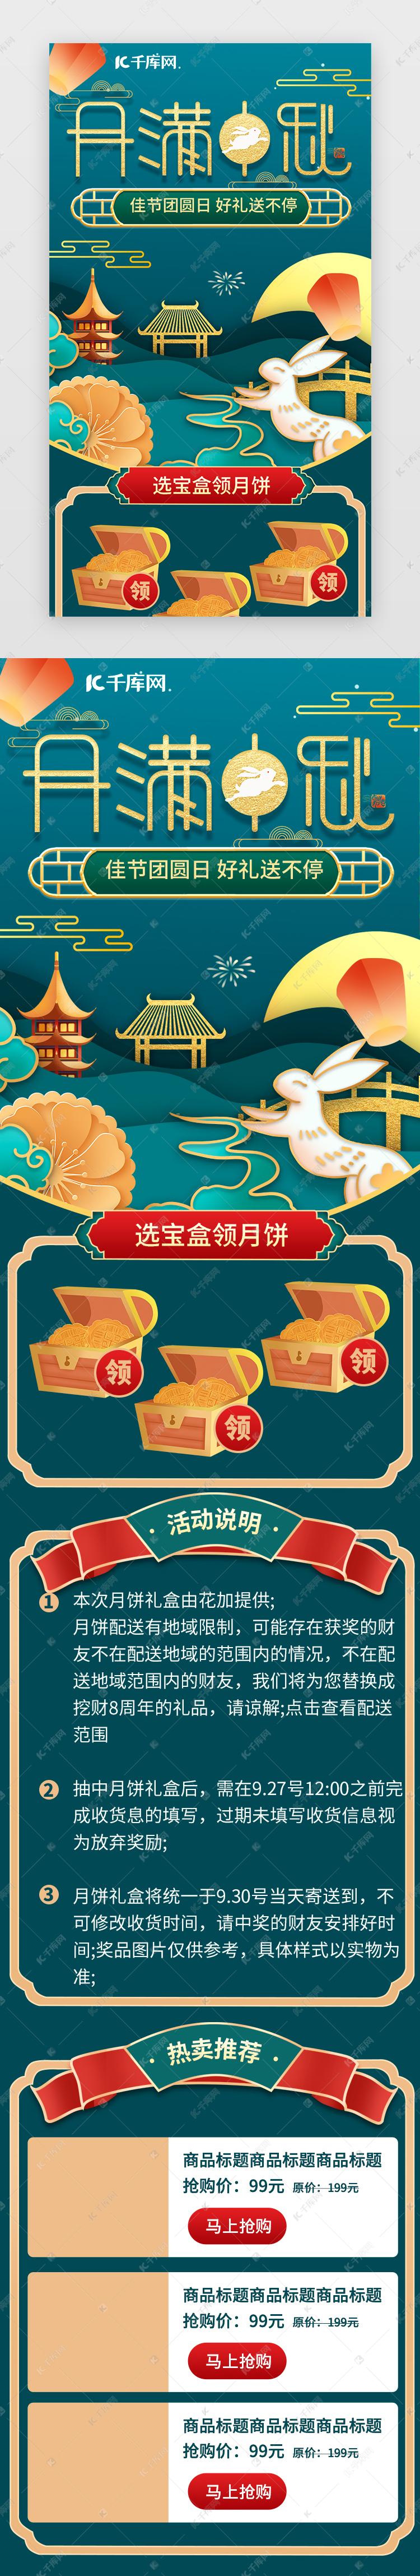 中秋节h5中国风、国潮蓝色团圆、促销活动长图